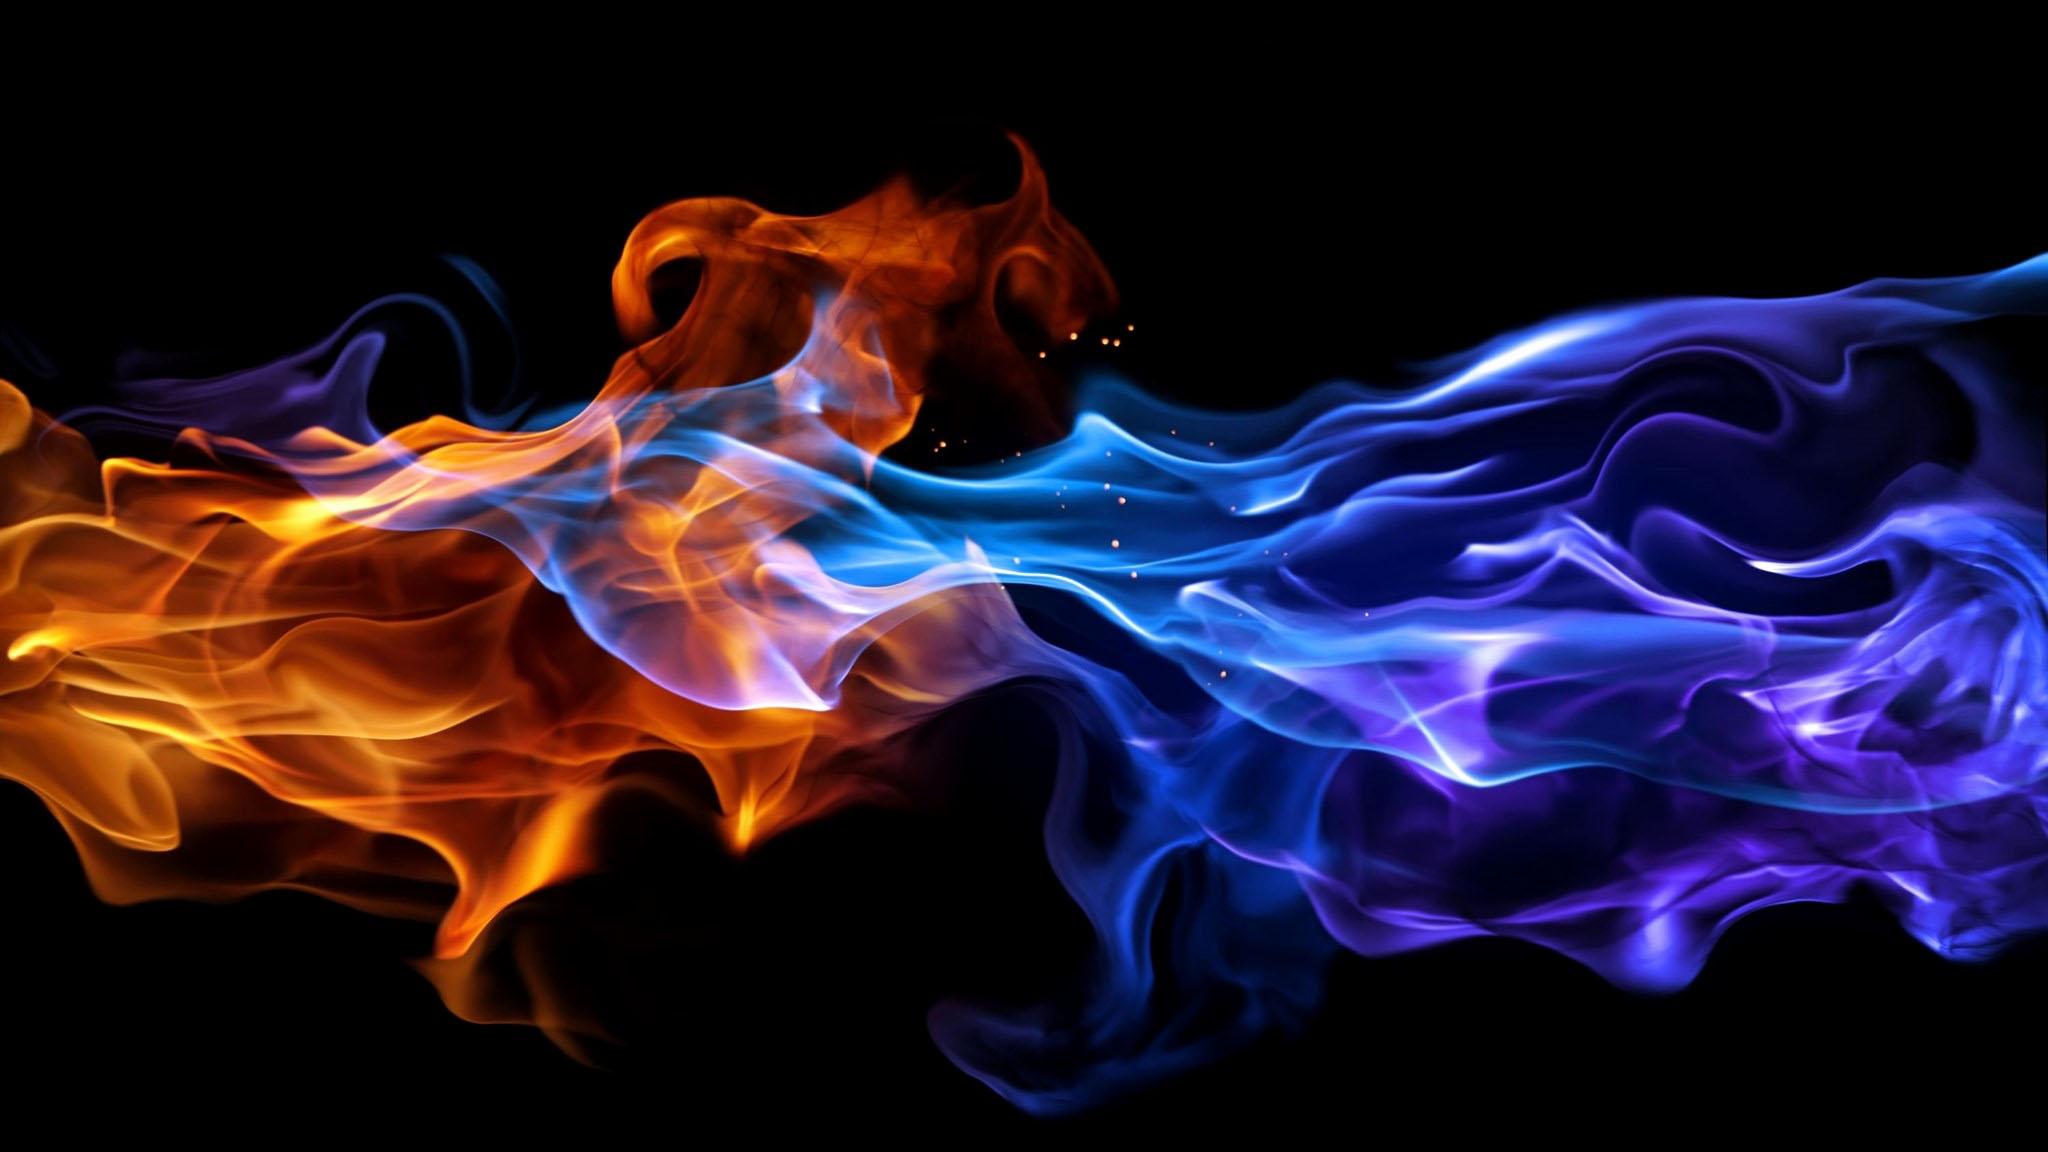 Hình ảnh ngọn lửa bếp